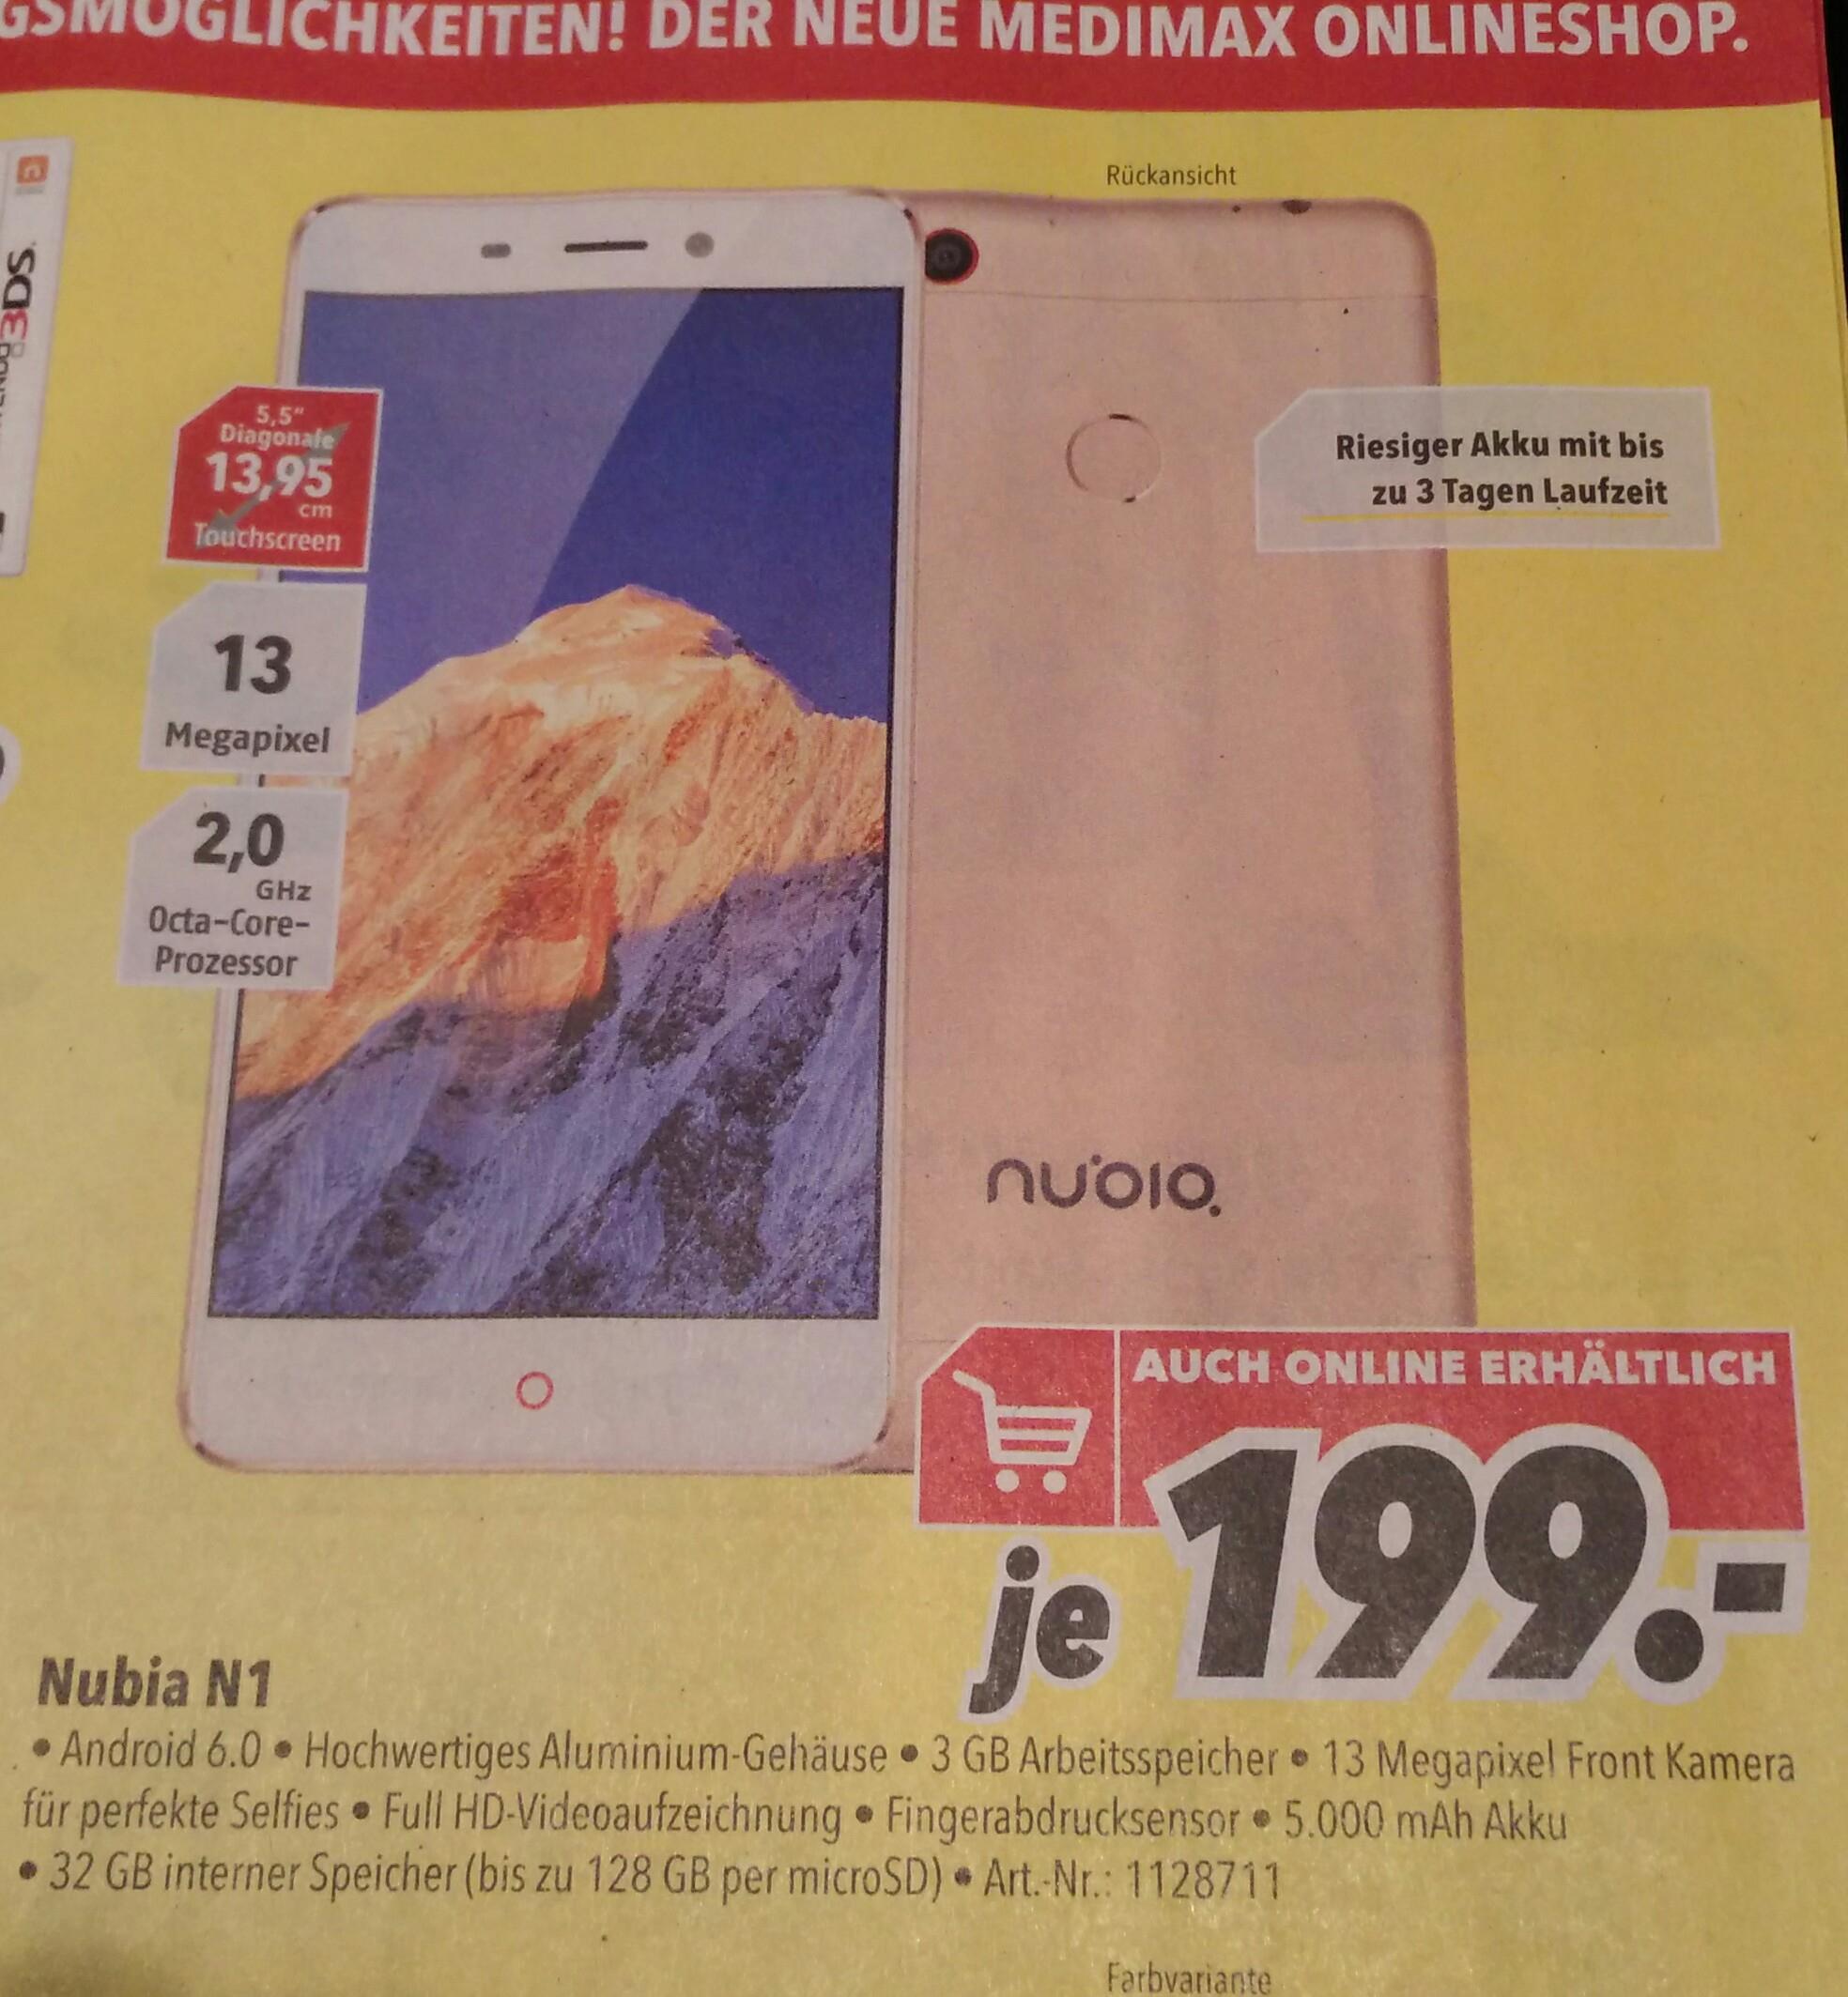 (MediMax) Nubia N1  5,5 Zoll, 5000mAh Akku,  Fingerabdrucksensor, 32GB